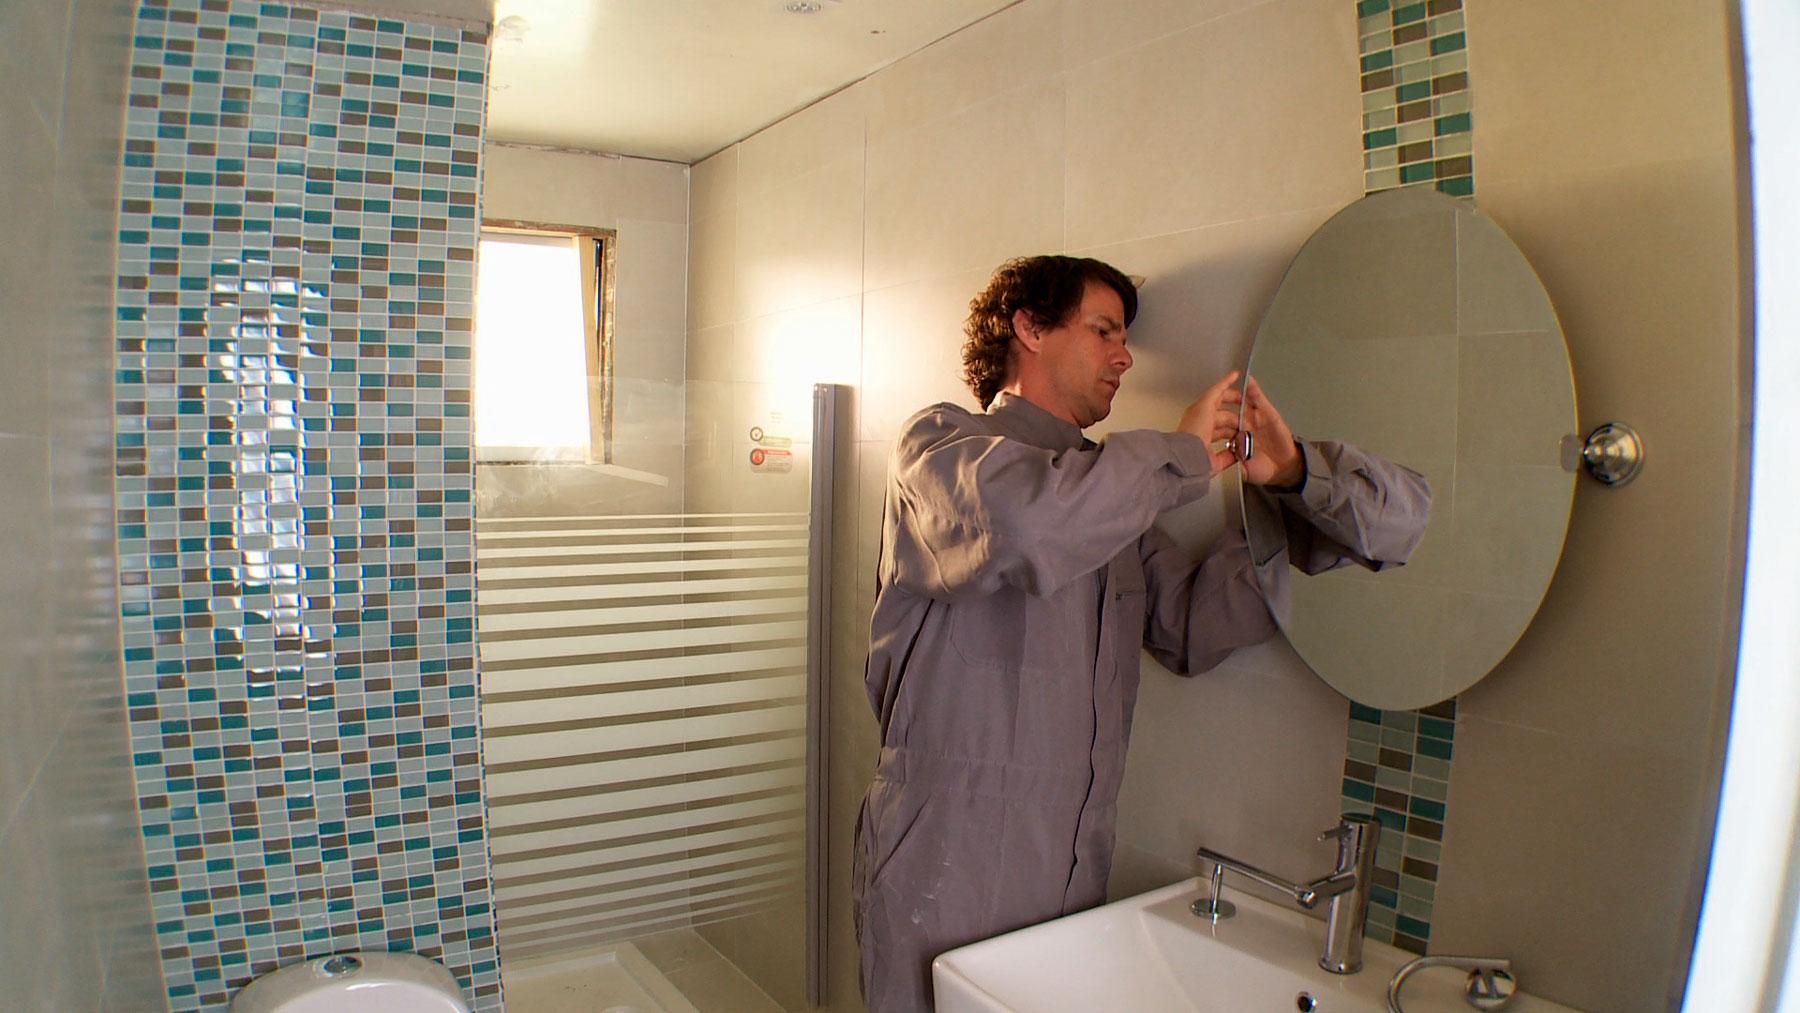 Este proyecto de interiorismo está pensado para una de las zonas más complejas de la casa: el baño, un espacio que es frecuente se deje en el olvido, aunque es de uso diario. En general una remodelación para este sector es complicada por las instalaciones que tiene, y porque su tamaño más reducido hace creer que sea difícil remodelar.